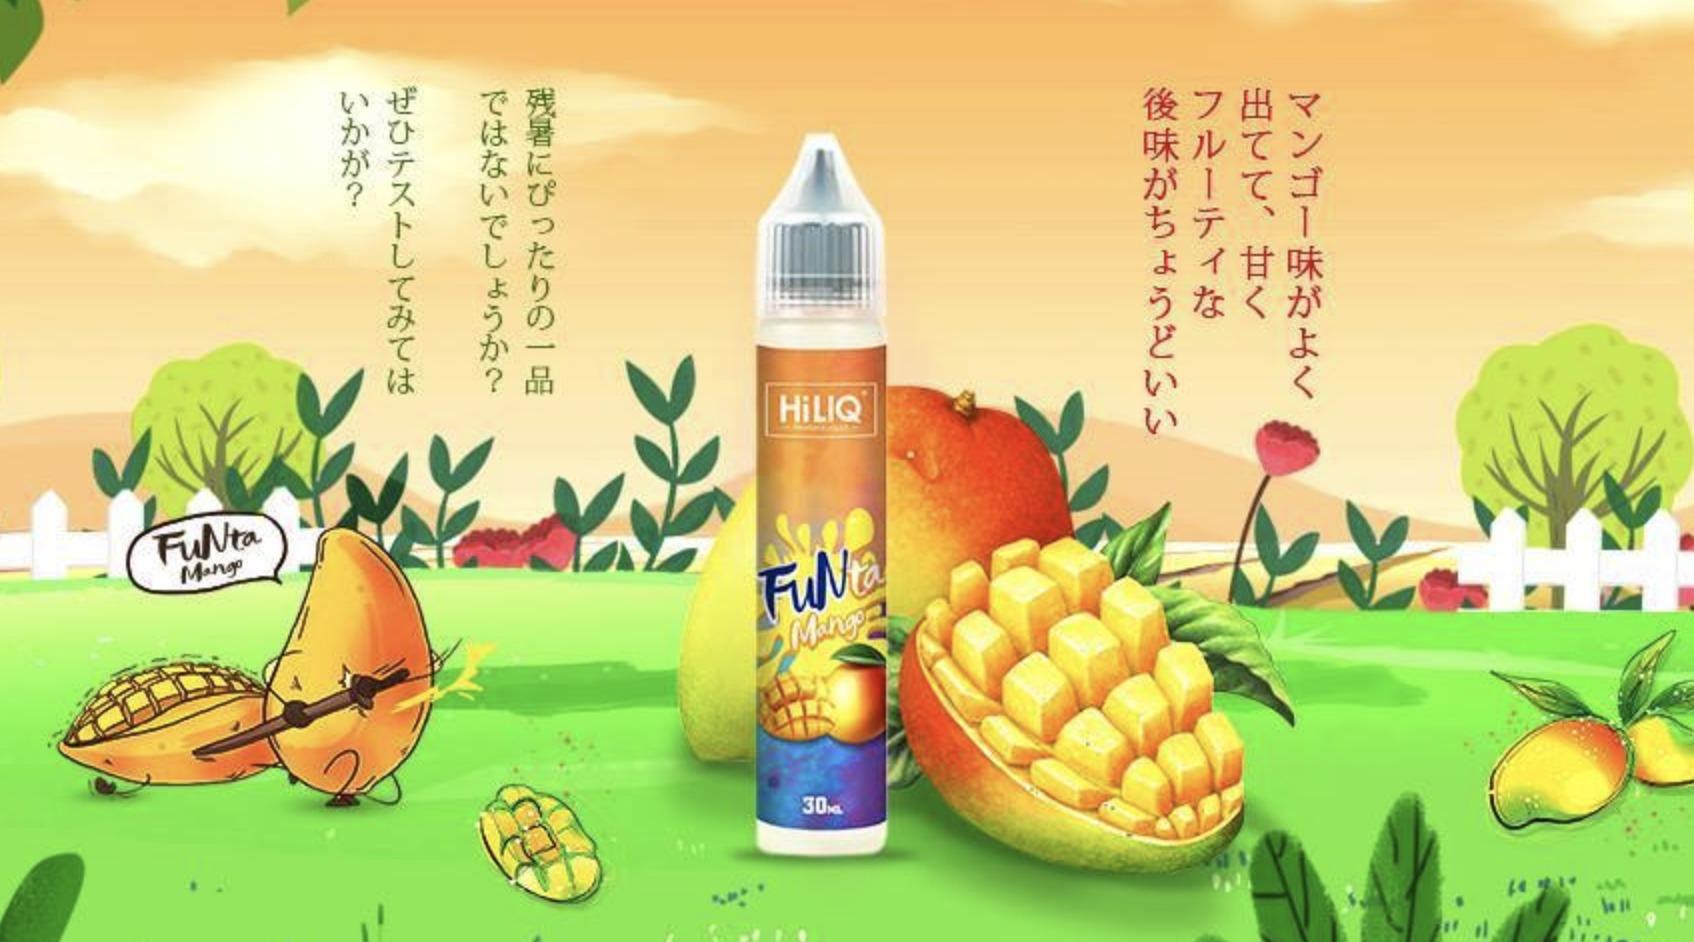 ba5593a2dfdbce4cec8ab0c4134a1044 - 【リキッドレビュー】HiLIQ FuNtaシリーズが激ウマ、マンゴー、レモン、オレンジ、グレープ各種フレーバーレビュー【ハイリク・ファンタ】